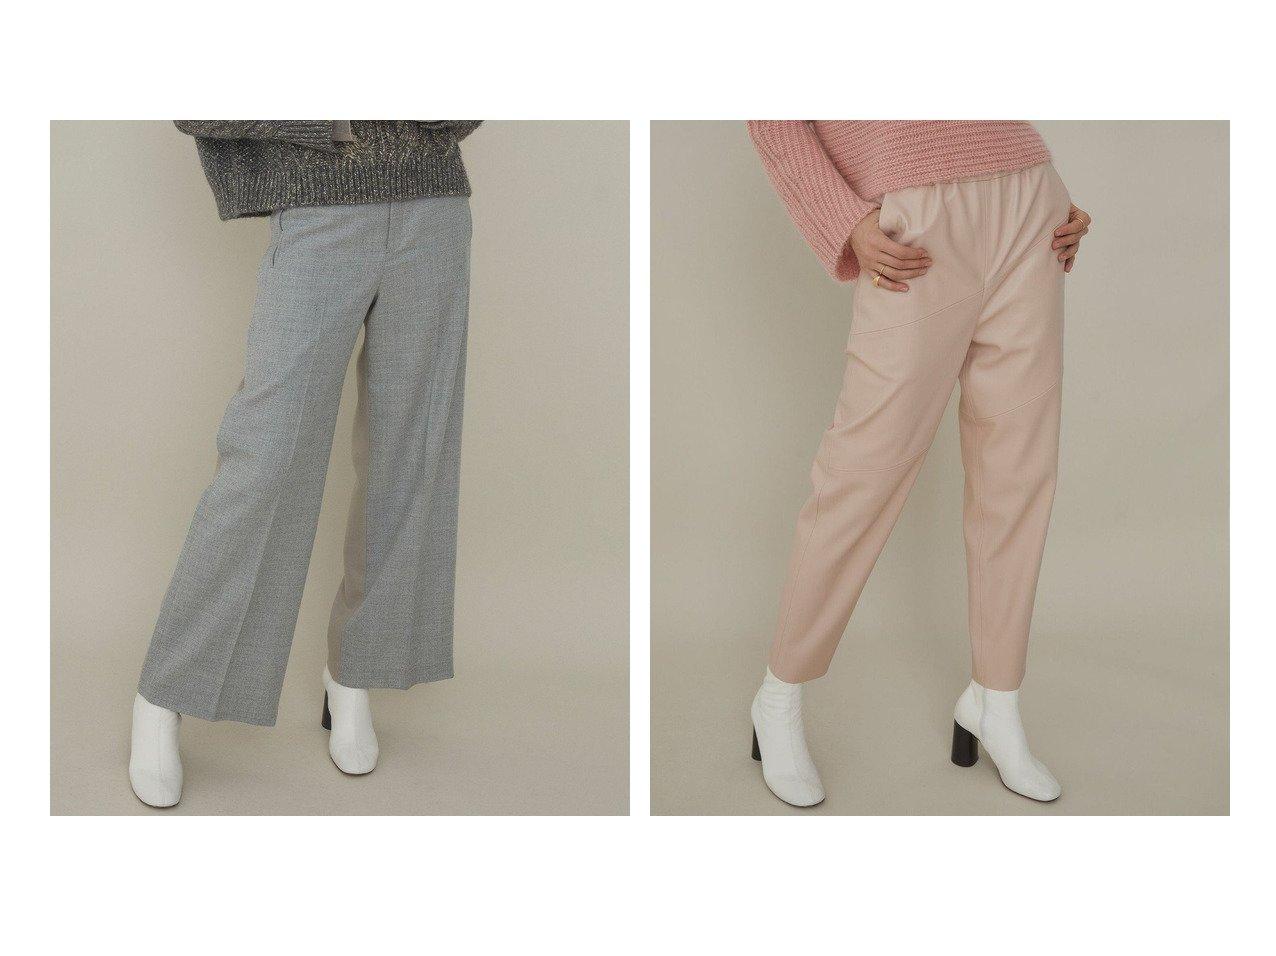 【BEIGE,/ベイジ,】のワイドパンツ&フェイクレザーパンツ 【パンツ】おすすめ!人気、トレンド・レディースファッションの通販 おすすめで人気の流行・トレンド、ファッションの通販商品 インテリア・家具・メンズファッション・キッズファッション・レディースファッション・服の通販 founy(ファニー) https://founy.com/ ファッション Fashion レディースファッション WOMEN パンツ Pants 洗える フェイクレザー リアル リュクス 冬 Winter A/W・秋冬 AW・Autumn/Winter・FW・Fall-Winter 2021年 2021 2021-2022秋冬・A/W AW・Autumn/Winter・FW・Fall-Winter・2021-2022 送料無料 Free Shipping シンプル スタイリッシュ ストレート センター フラット ベーシック ポケット ワイド おすすめ Recommend |ID:crp329100000070076